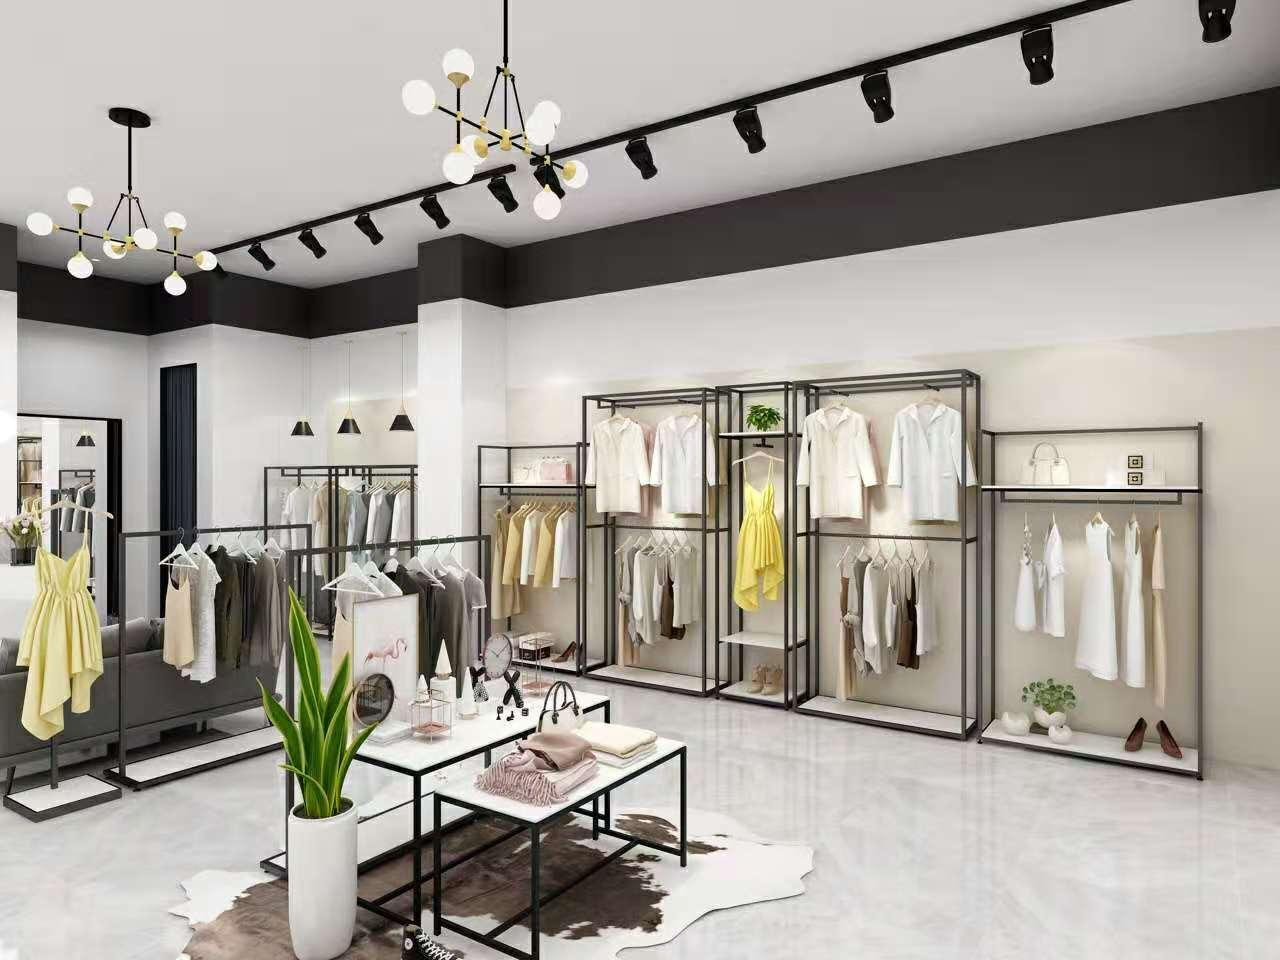 深圳店鋪裝修:服裝店有哪些裝修風格?